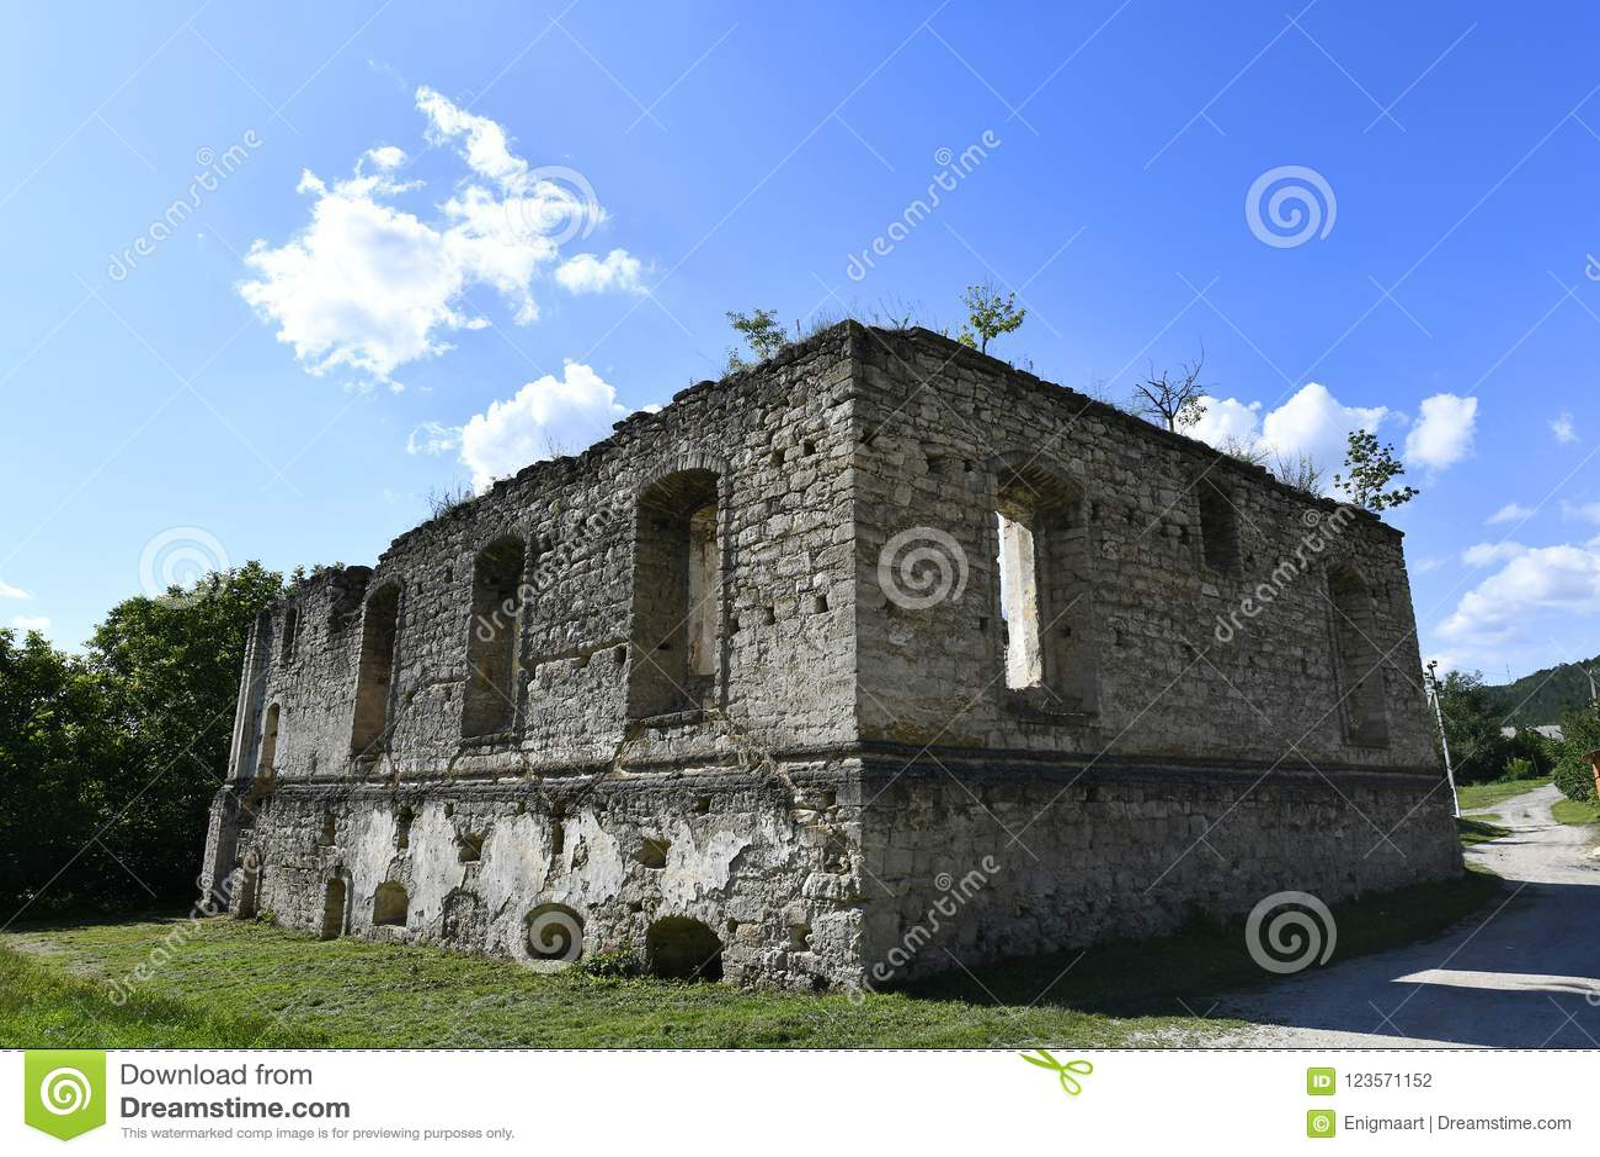 Kamenka är en stad i Moldavien på den vänstra banken av den Dniester floden